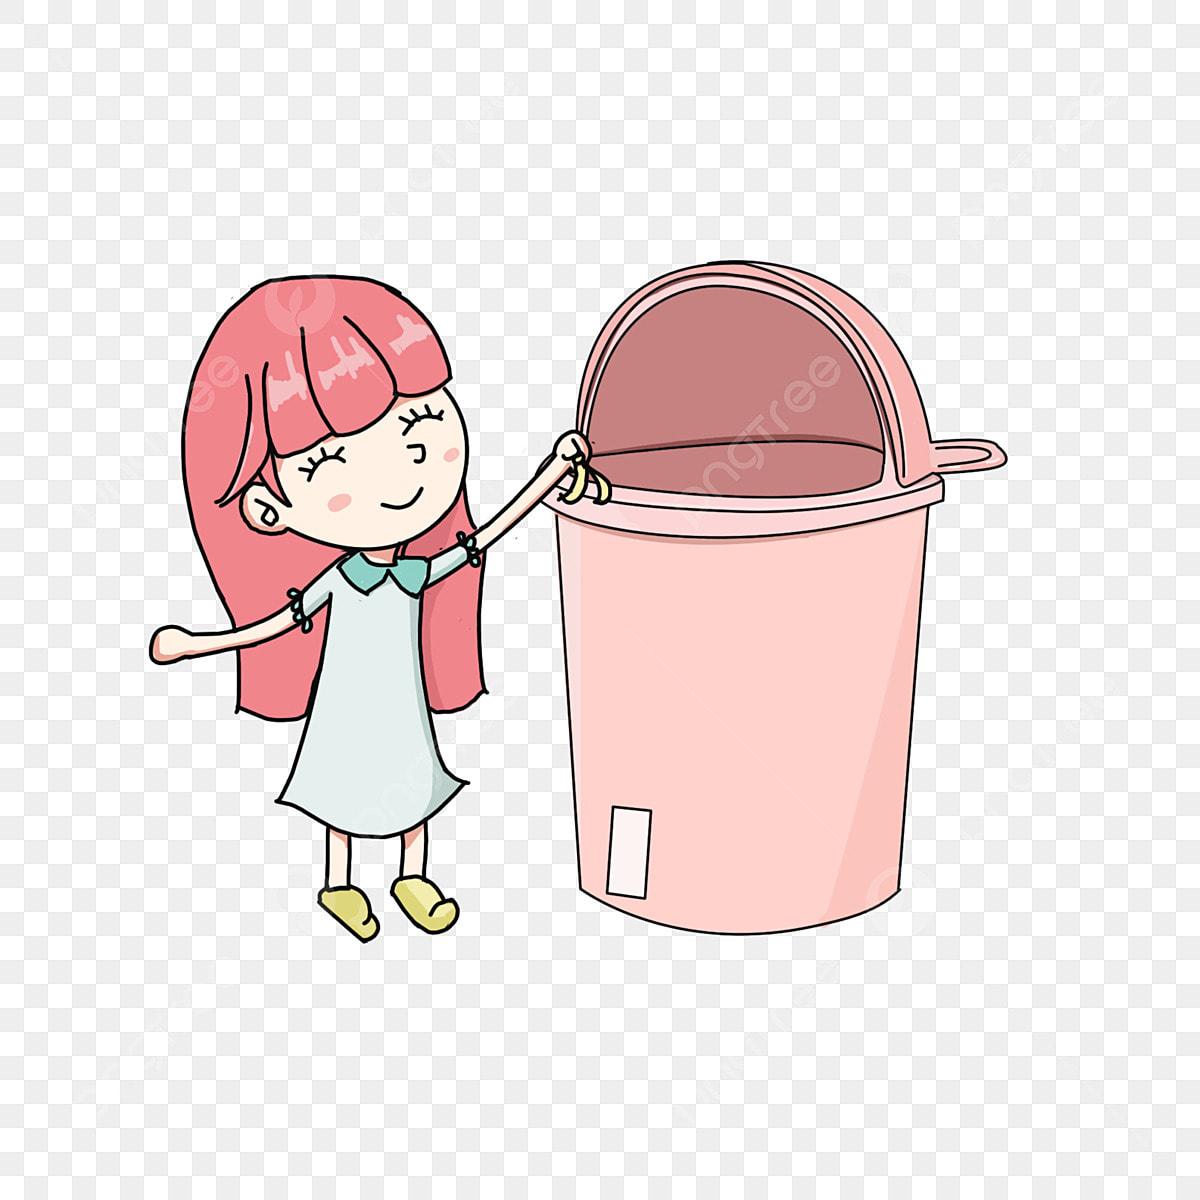 الكرتون ناقلات القمامة كرتون القمامة الزبالة ناقلات القمامة Png وملف Psd للتحميل مجانا